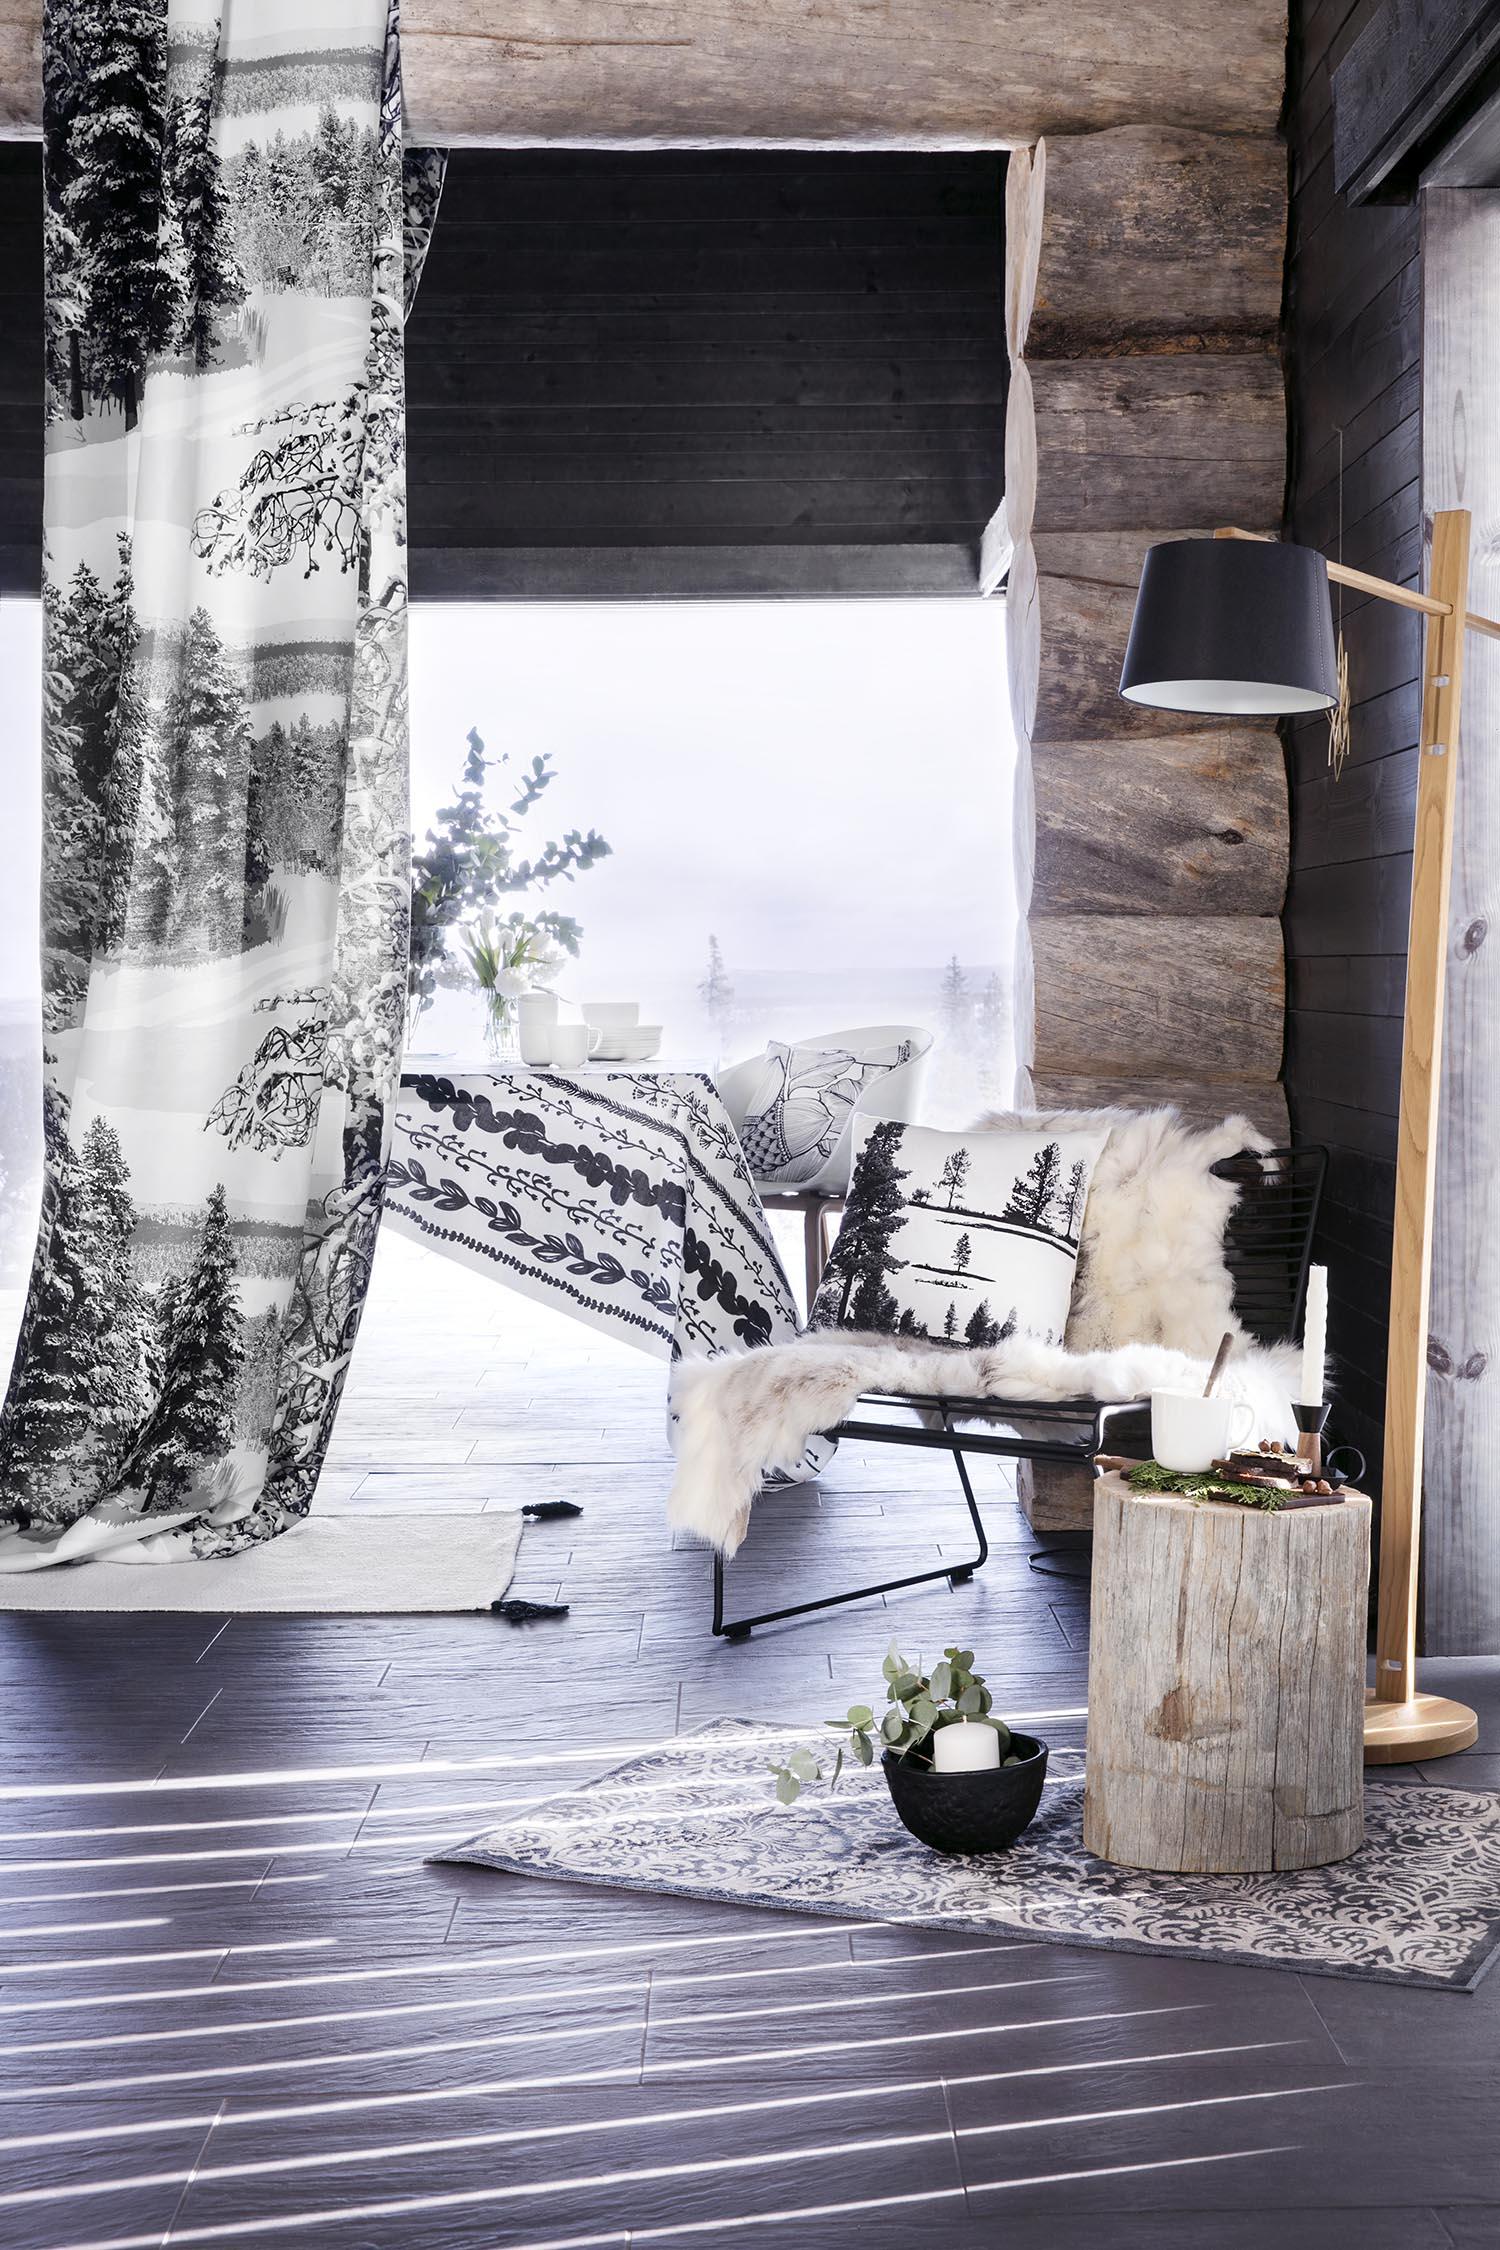 Vallila_AW18_Pohjoinen_Kasperi_fabric_Kero_Tammenterho_cushion_Ajaton_tableware_Aplodi_rug_photographerHennaSoronen